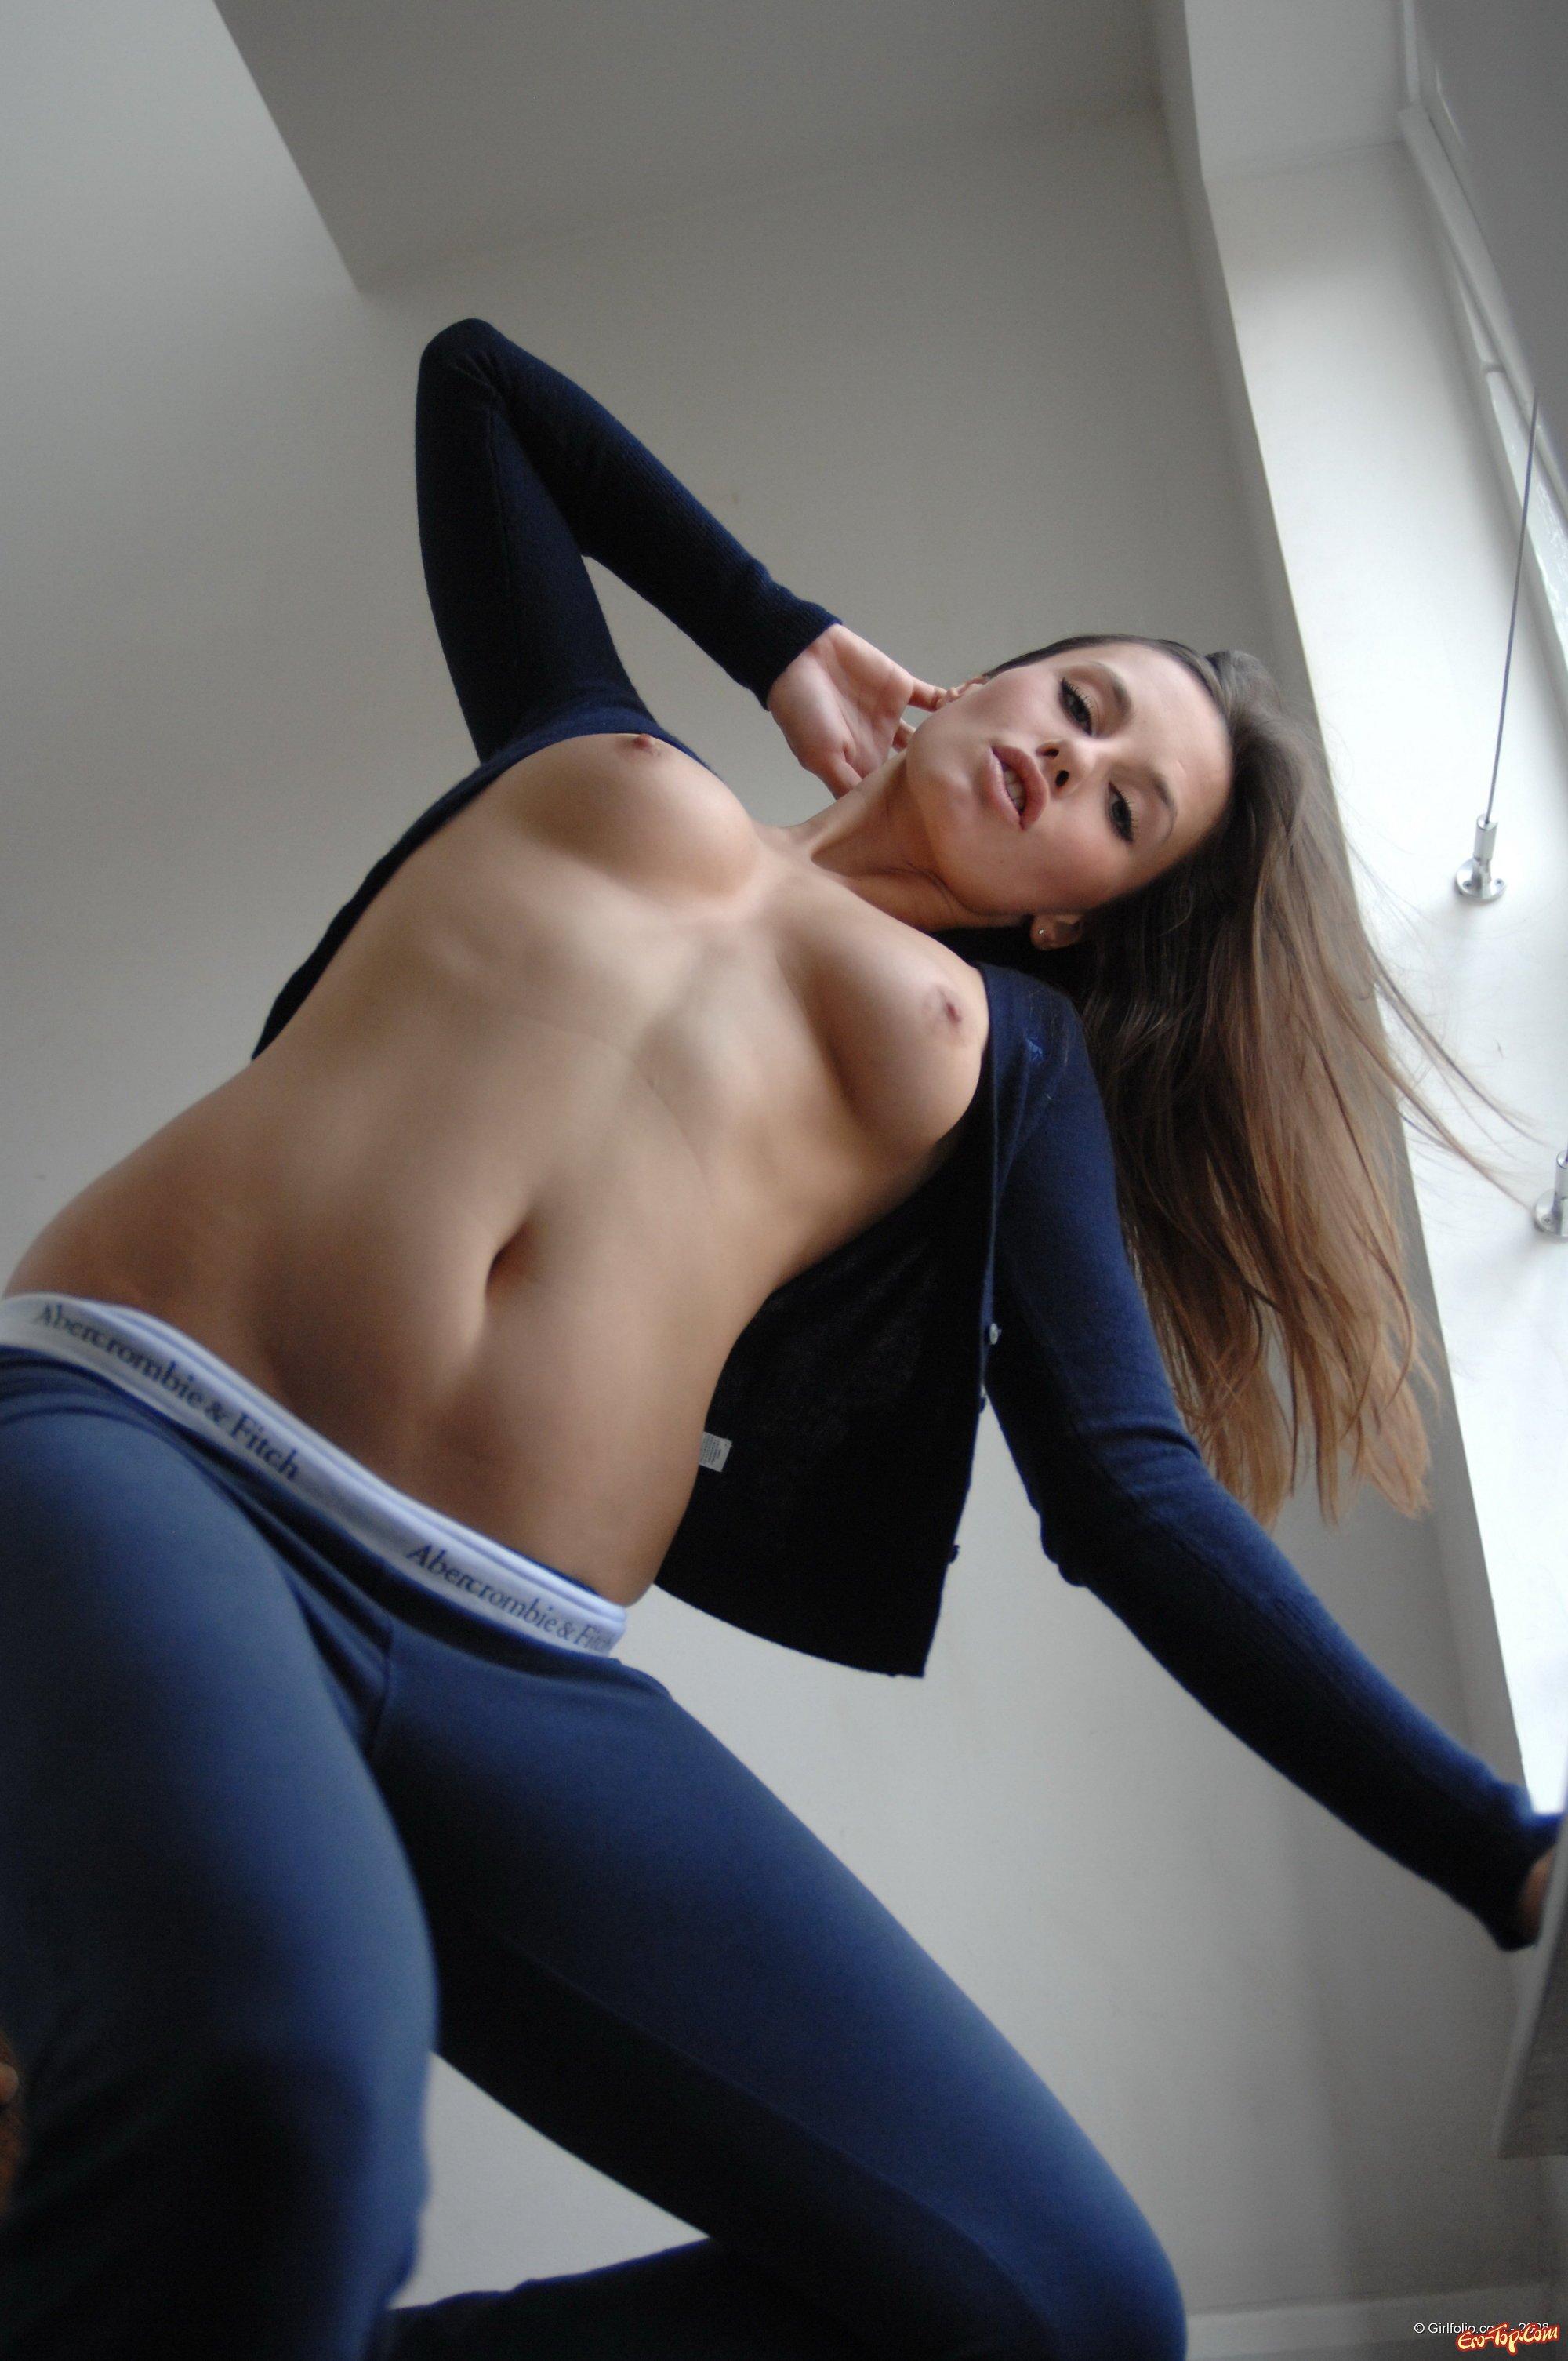 Смотреть порно телки в обтягивающих вещах фото 146-73